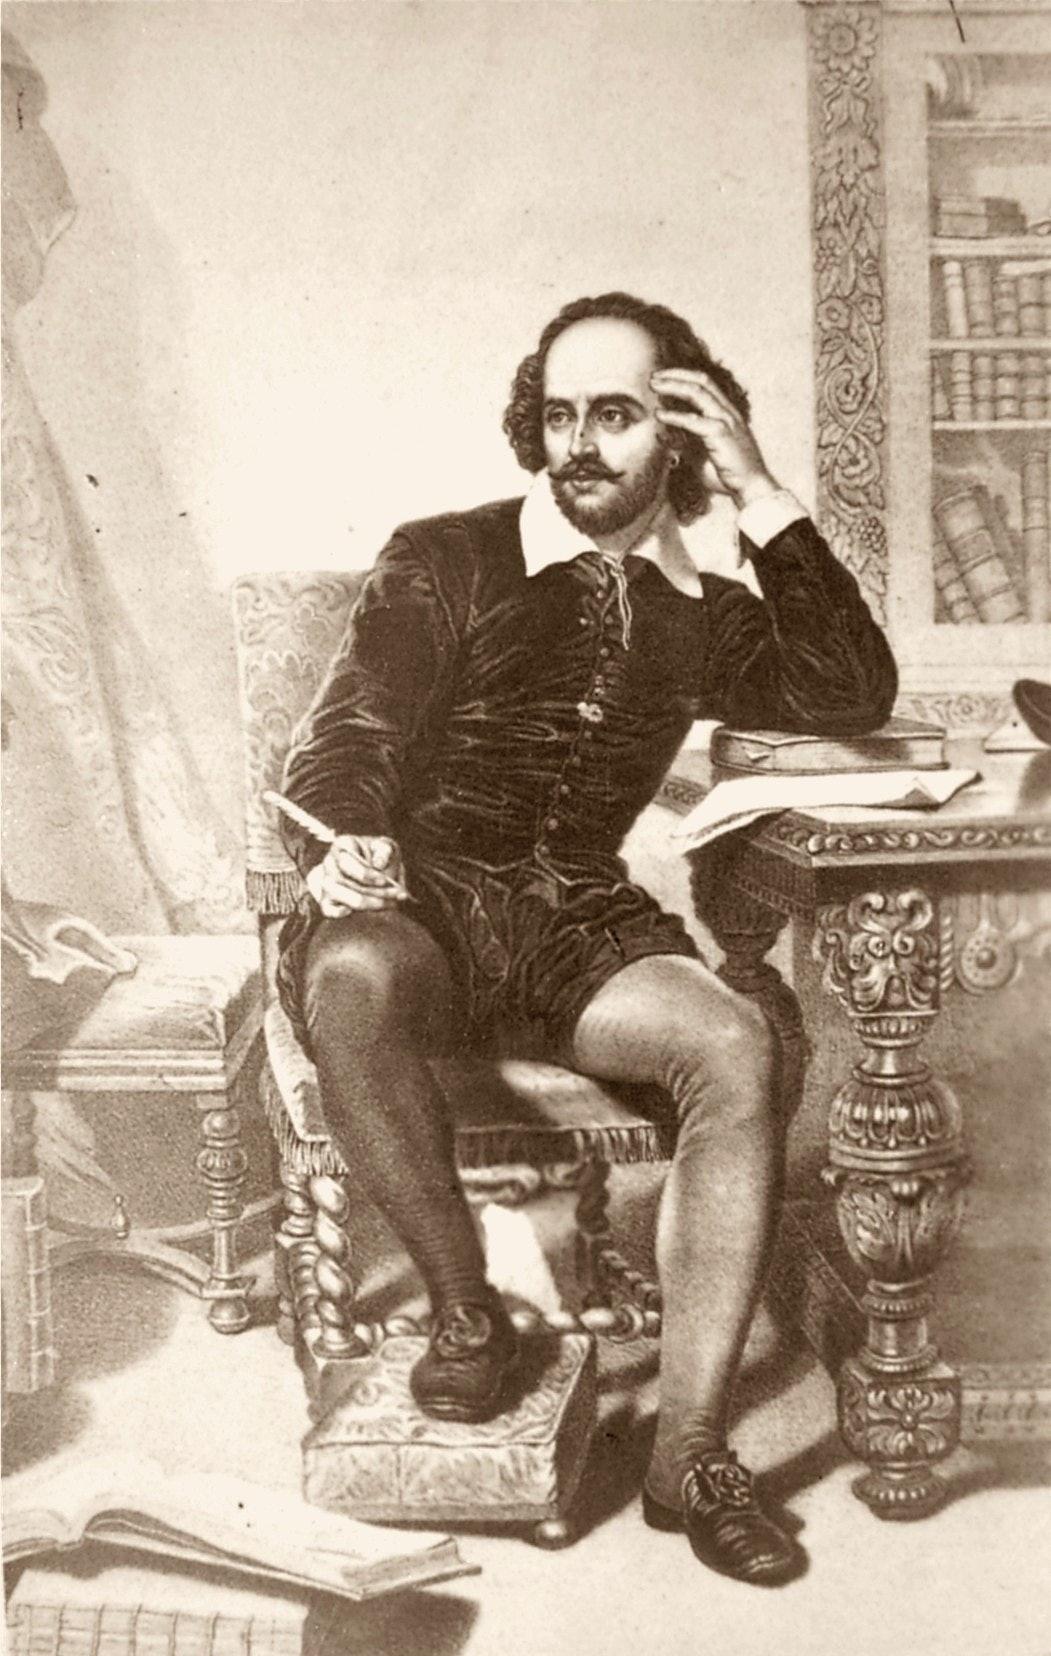 William shakespeare bisexual